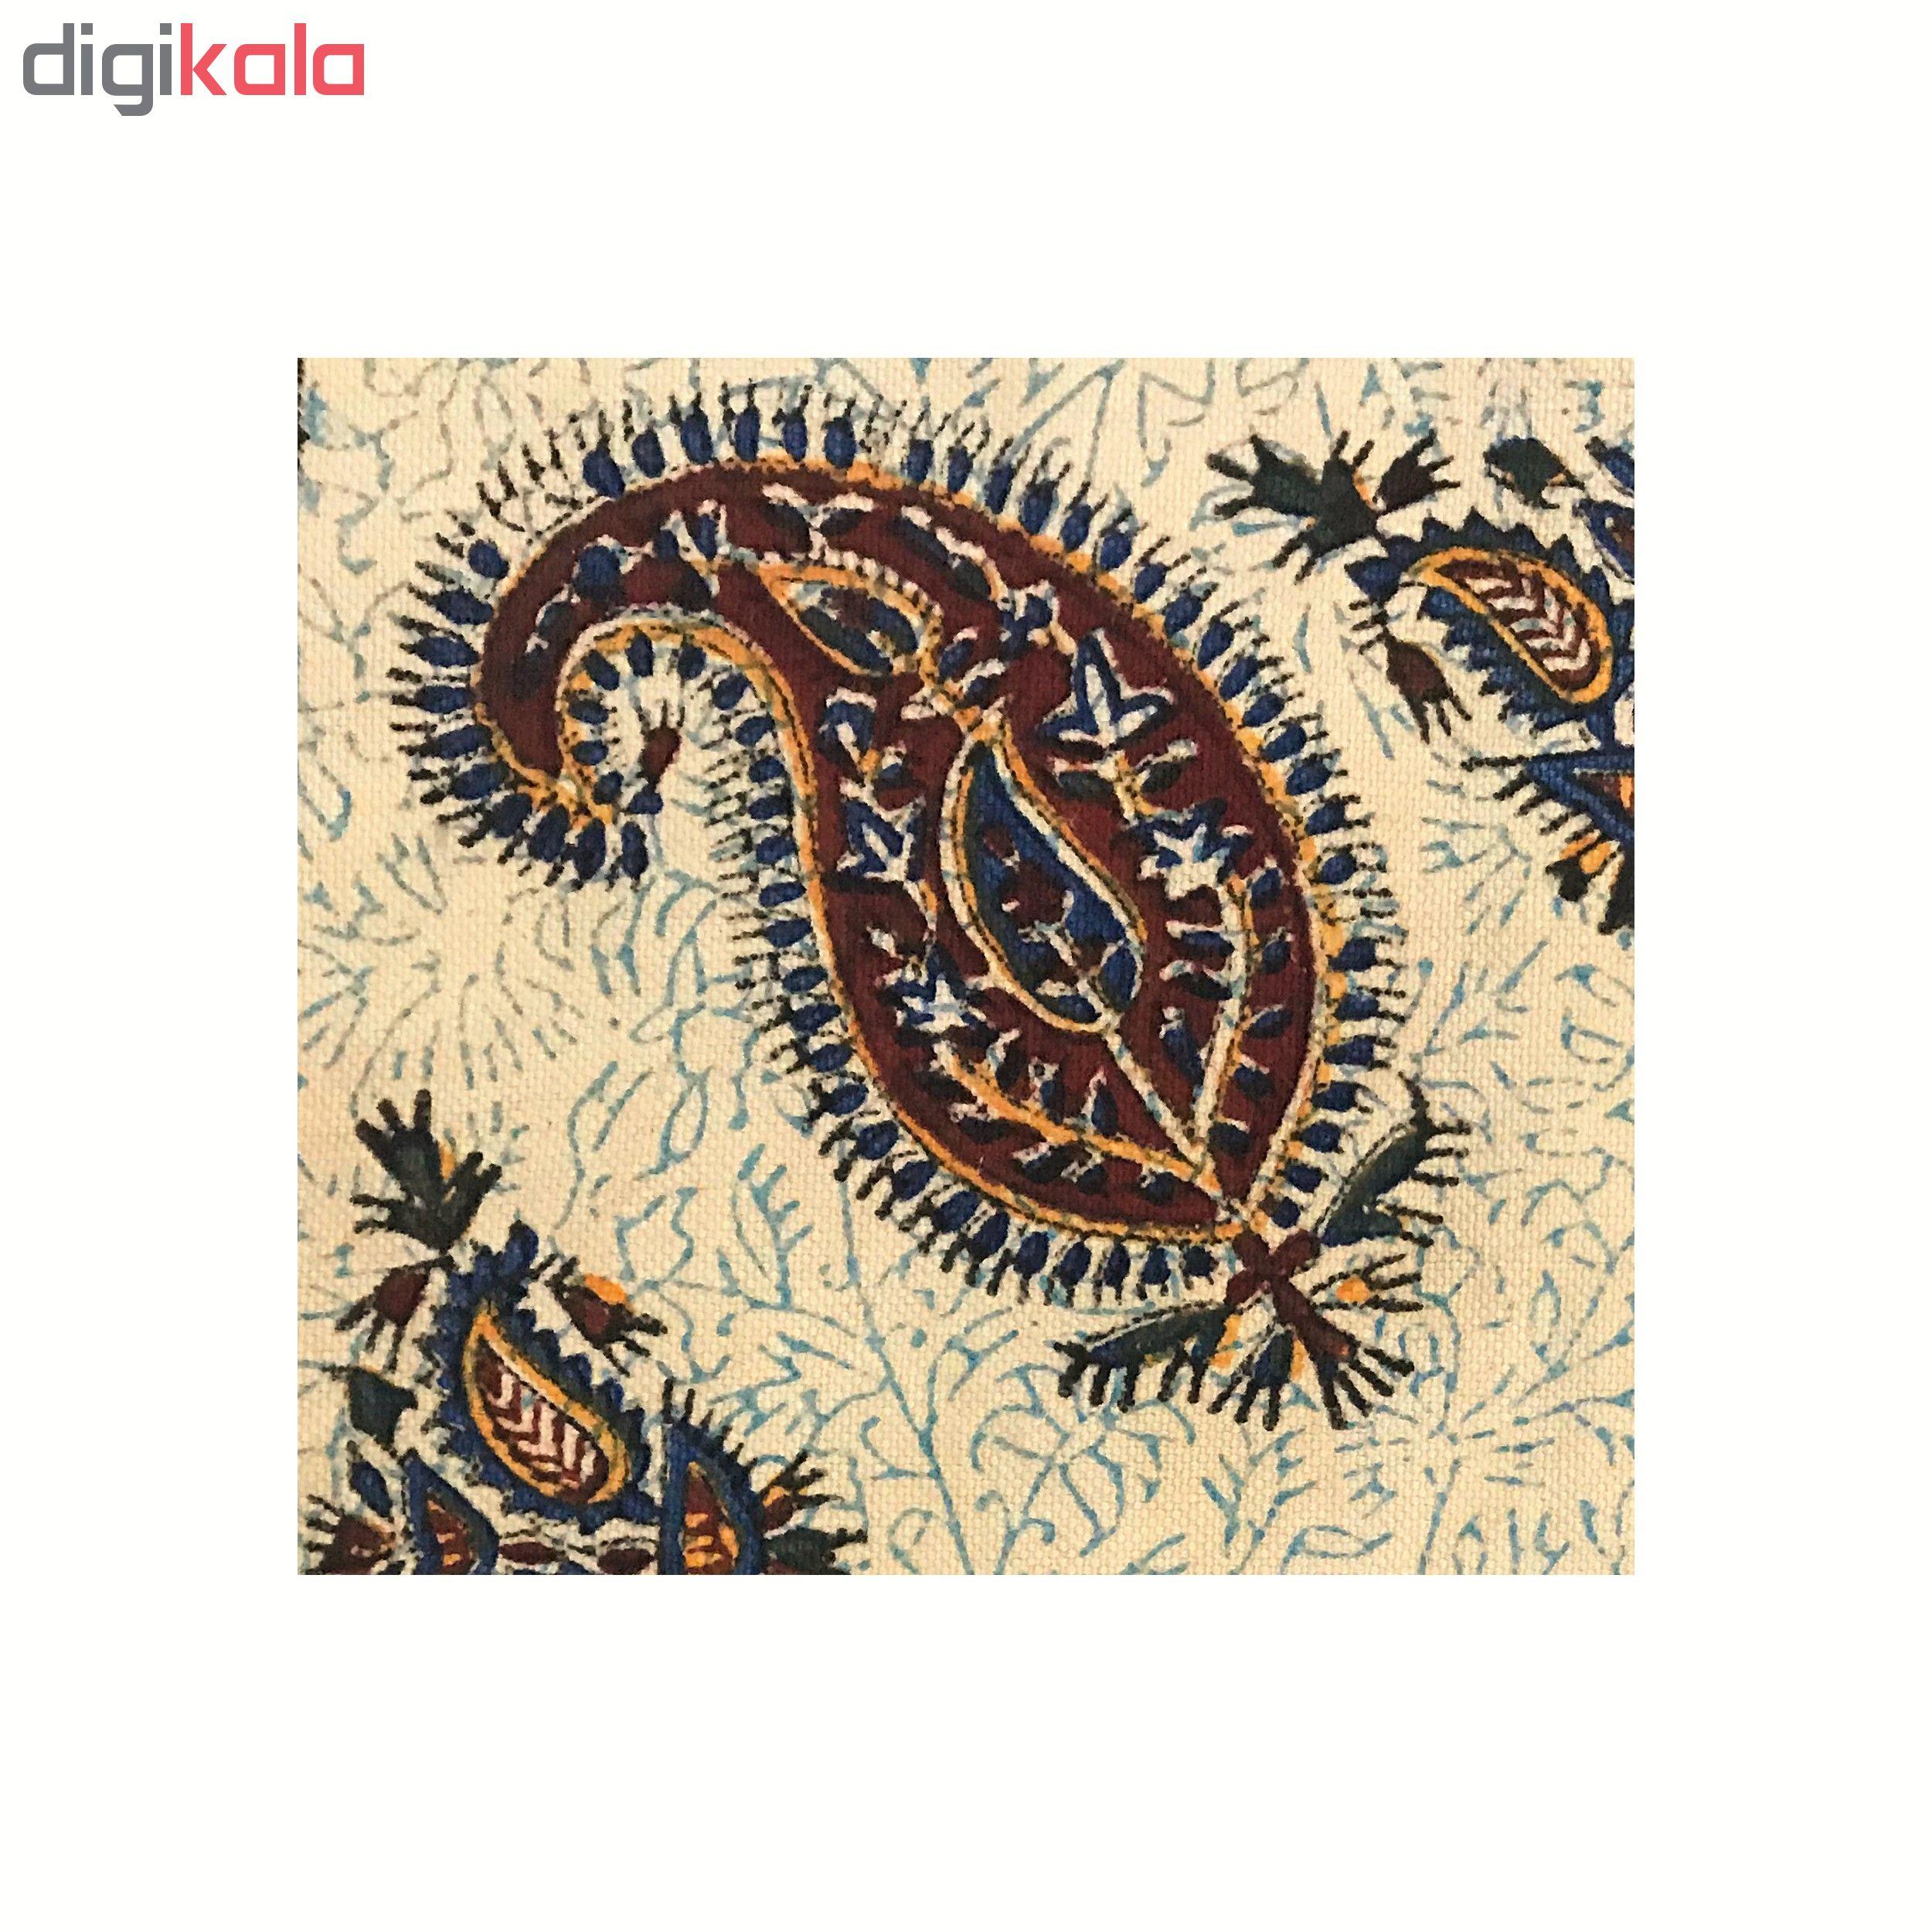 خرید                      رومیزی قلمکار ممتاز اصفهان اثر عطريان طرح ترنج مدل G88سایز 40*40 سانتی متر